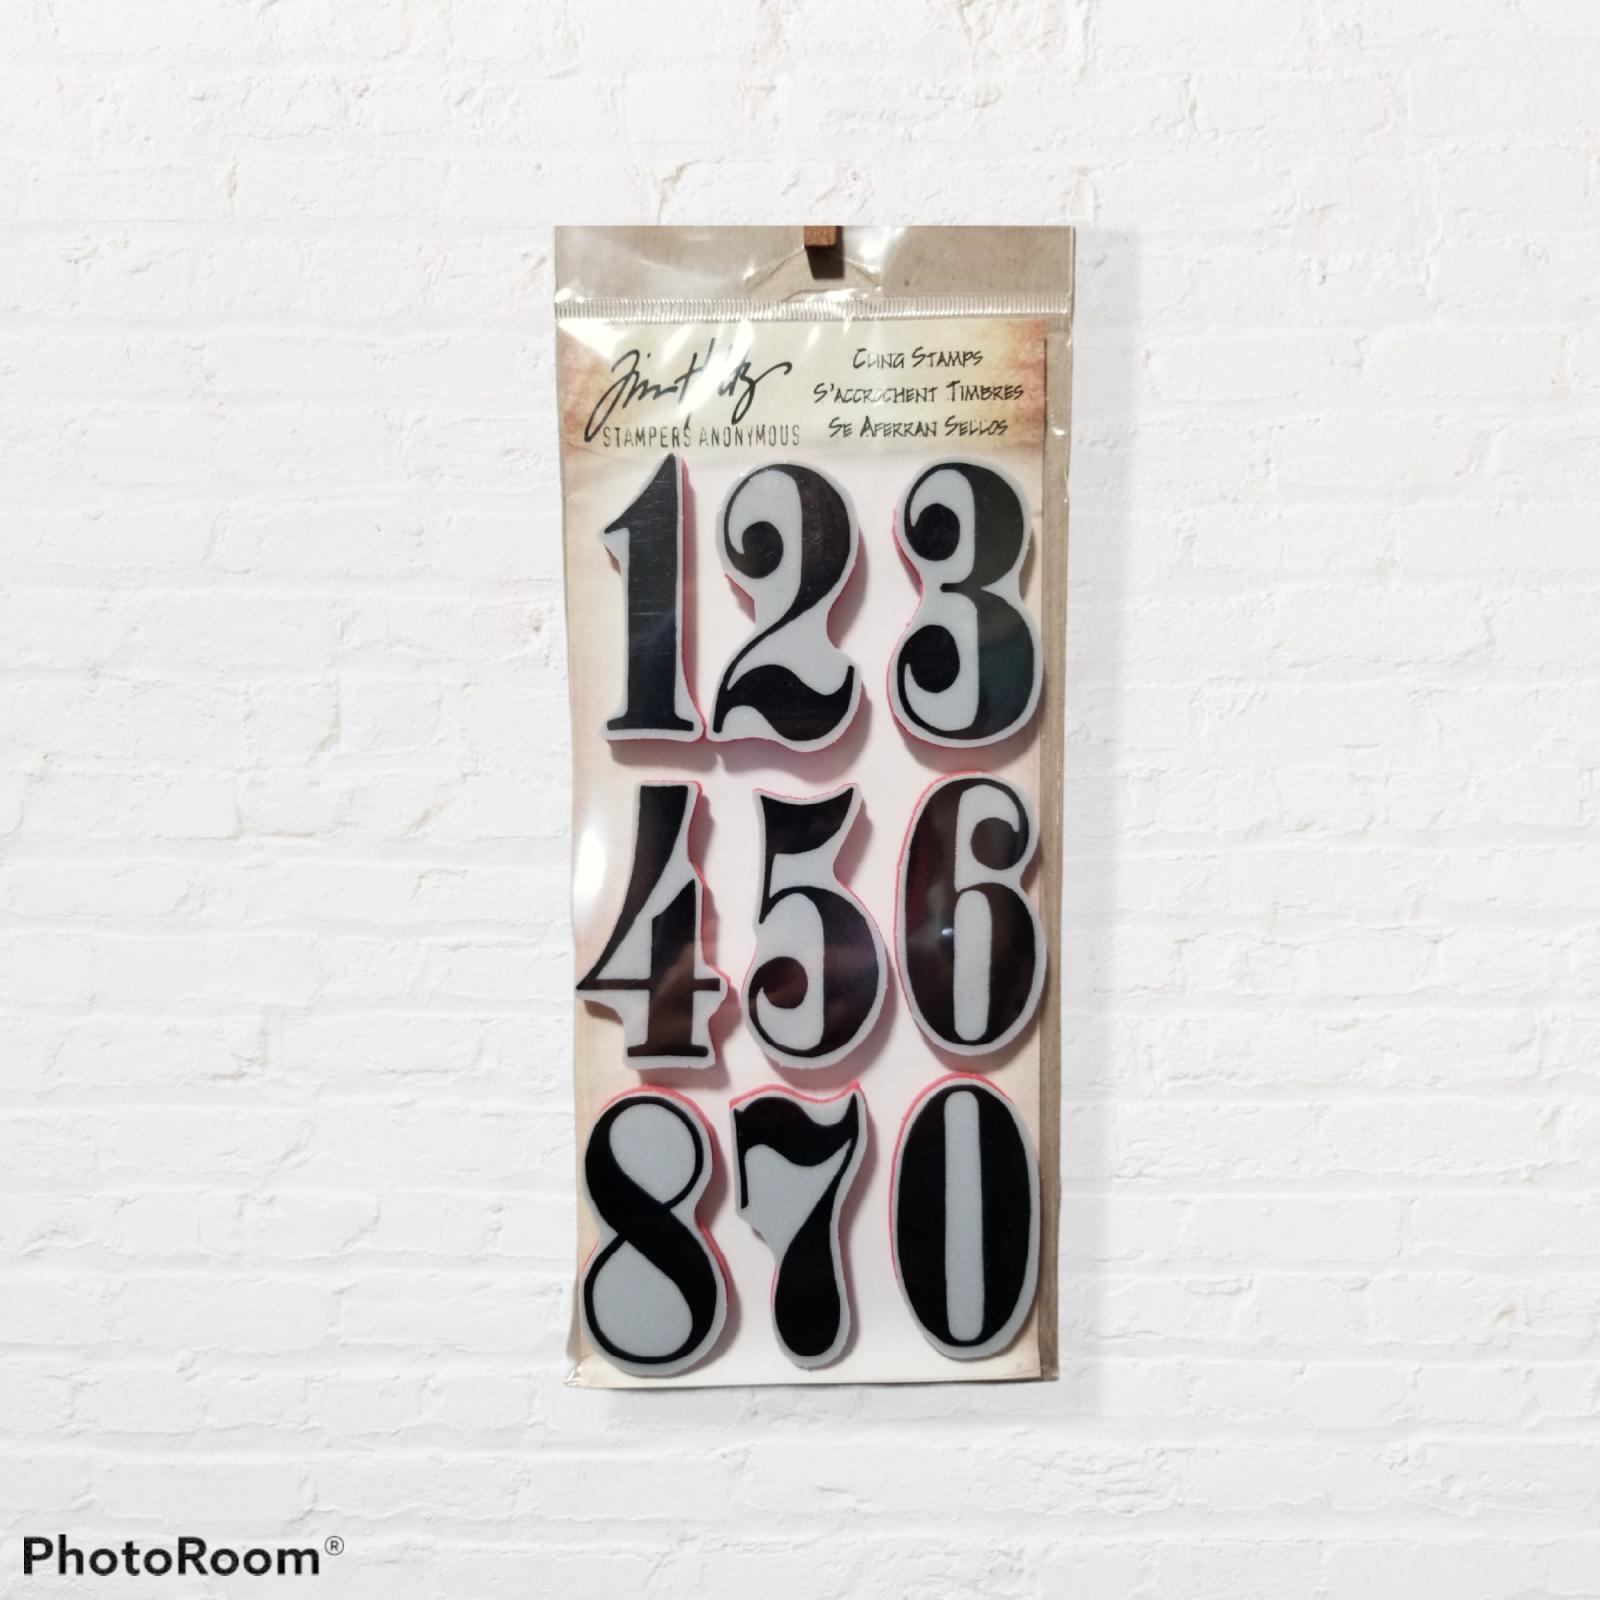 Tim Holtz Number Stamps